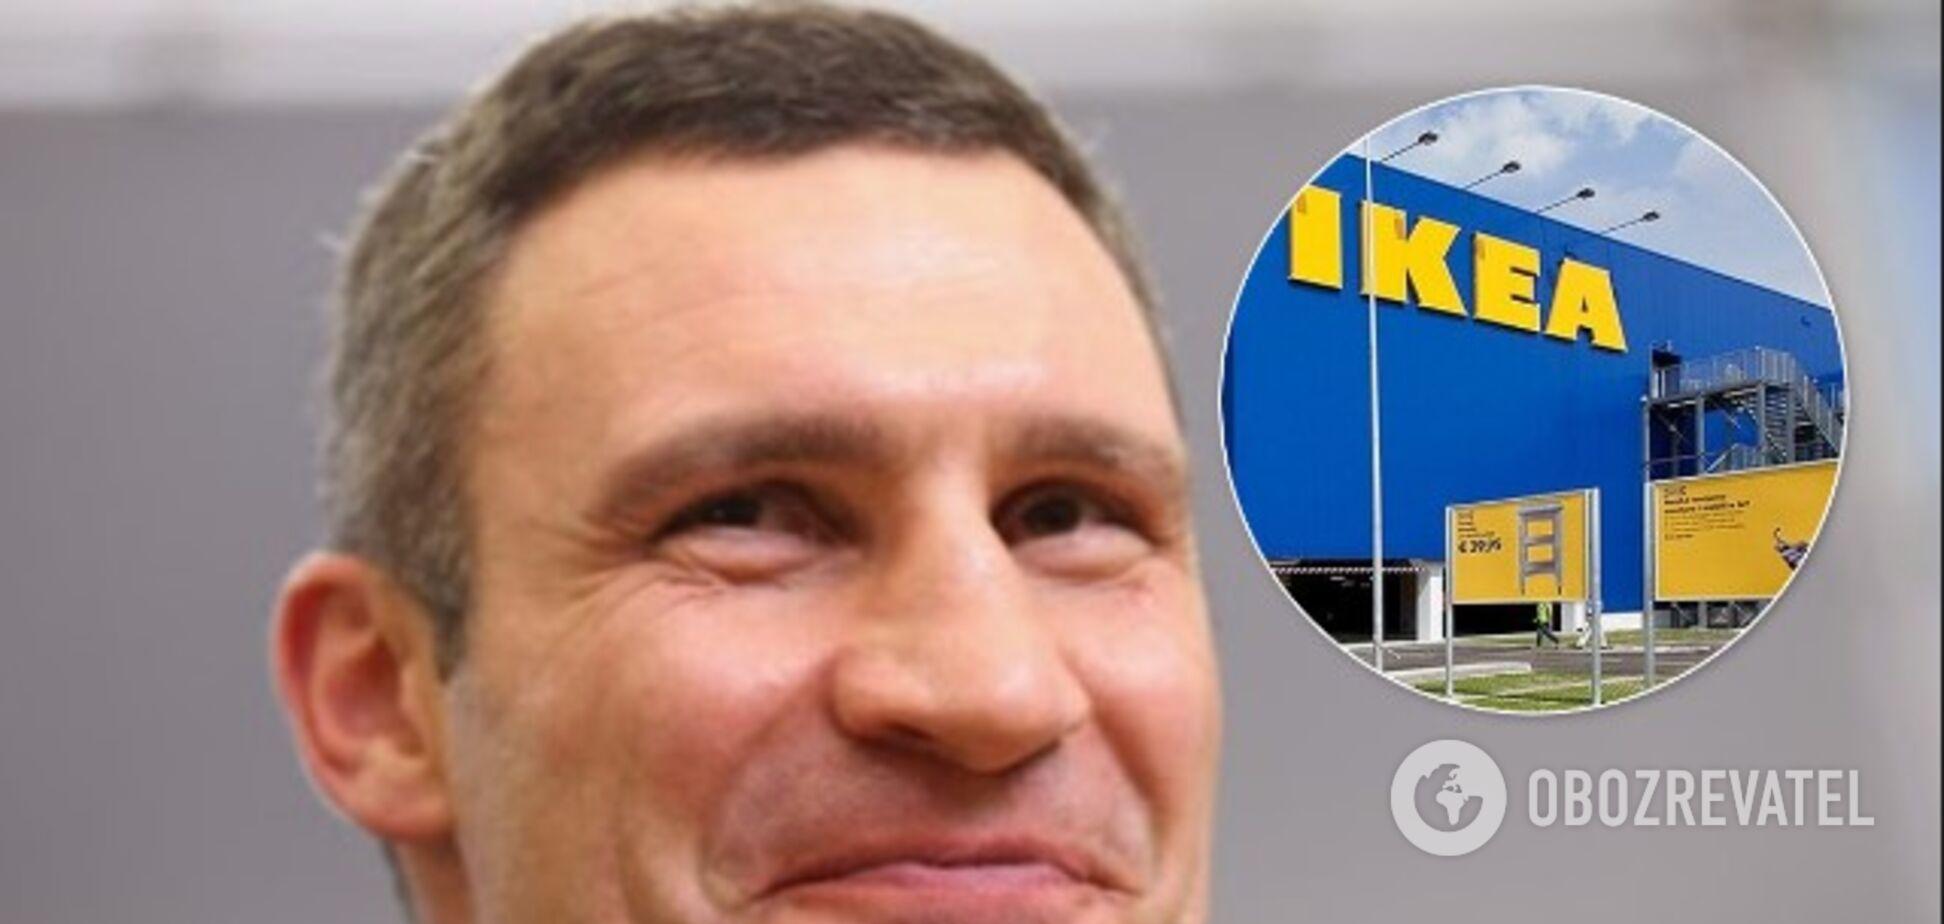 'Особенно ценный инвестор': Кличко поприветствовал официальное открытие ИКЕА в Украине